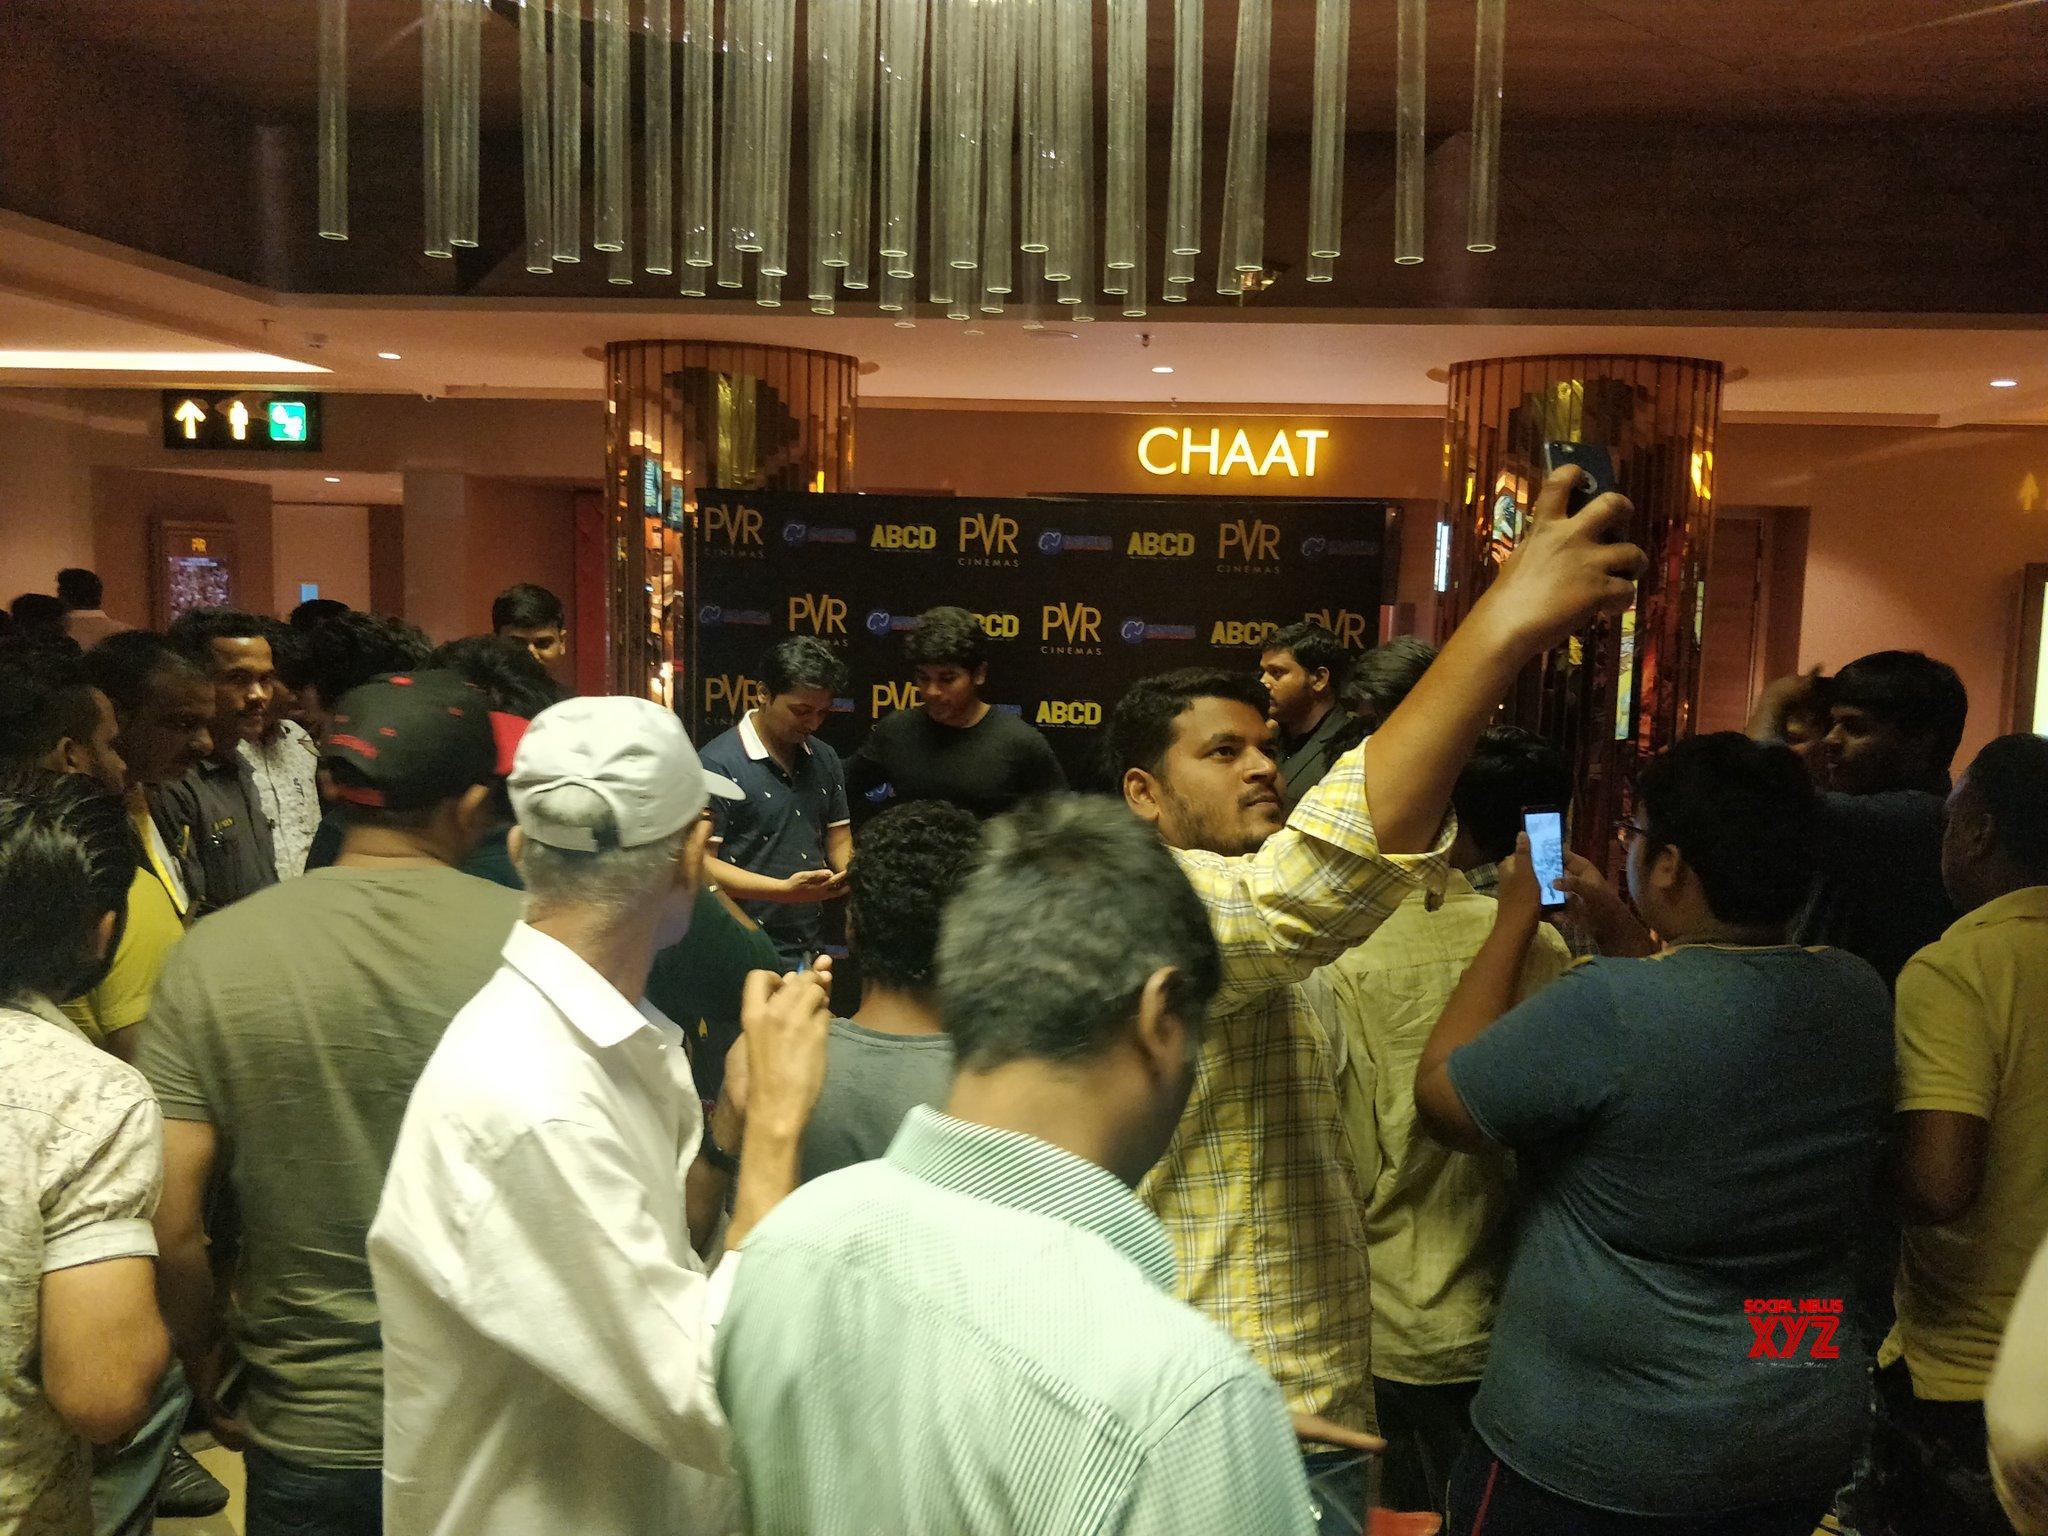 Allu Sirish Stills From PVR Cinemas, Hyderabad